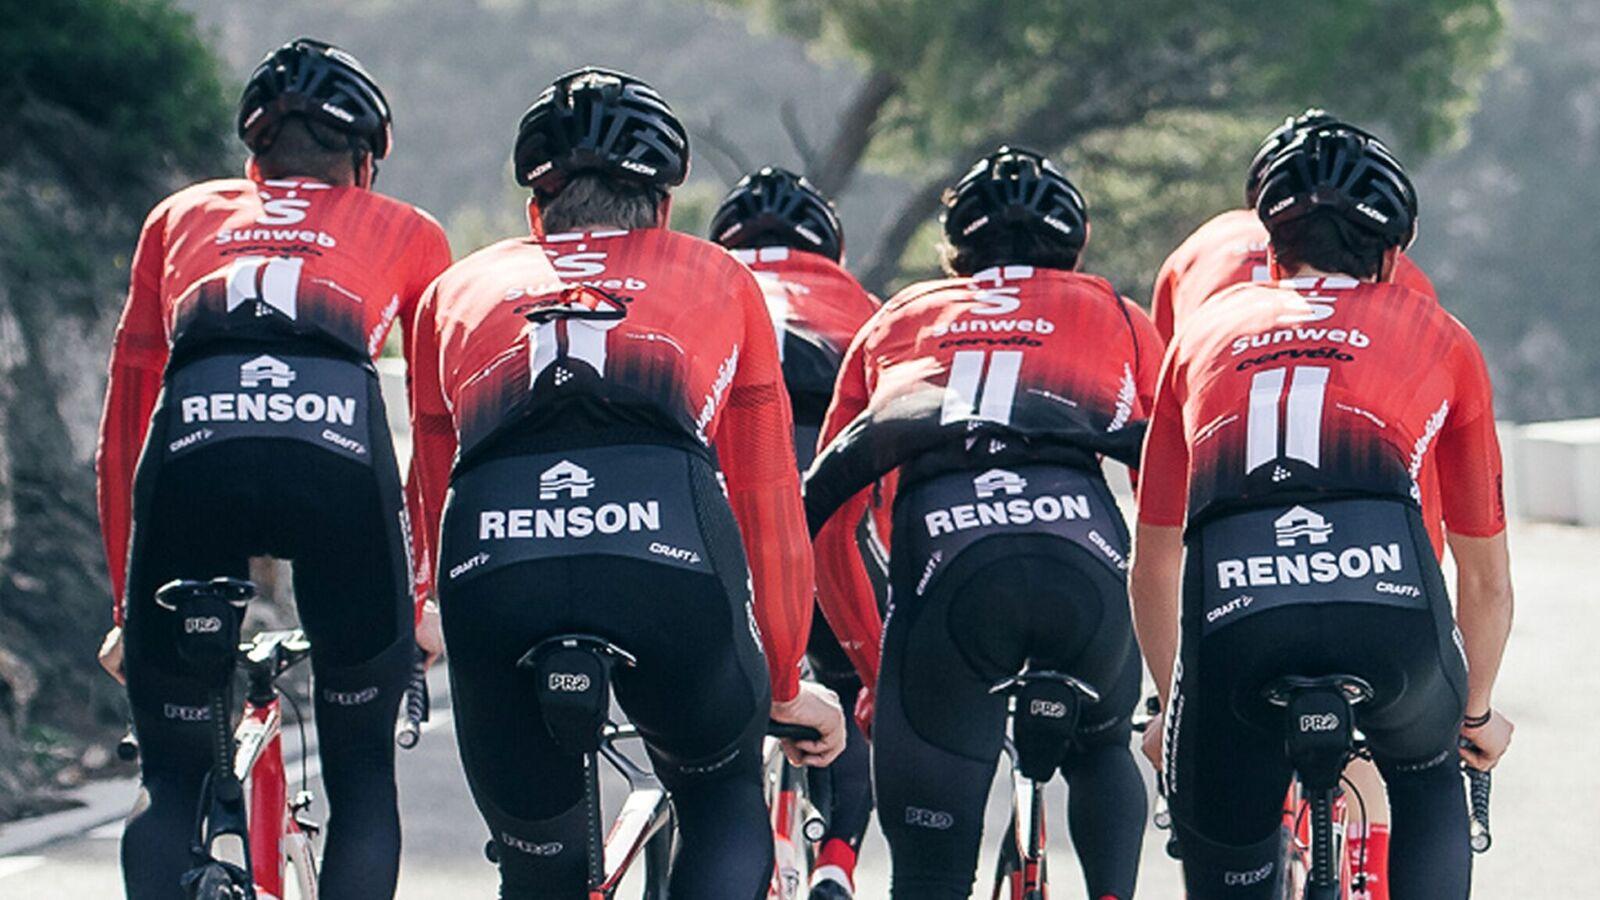 Team Sunweb llevará componentes PRO en 2019